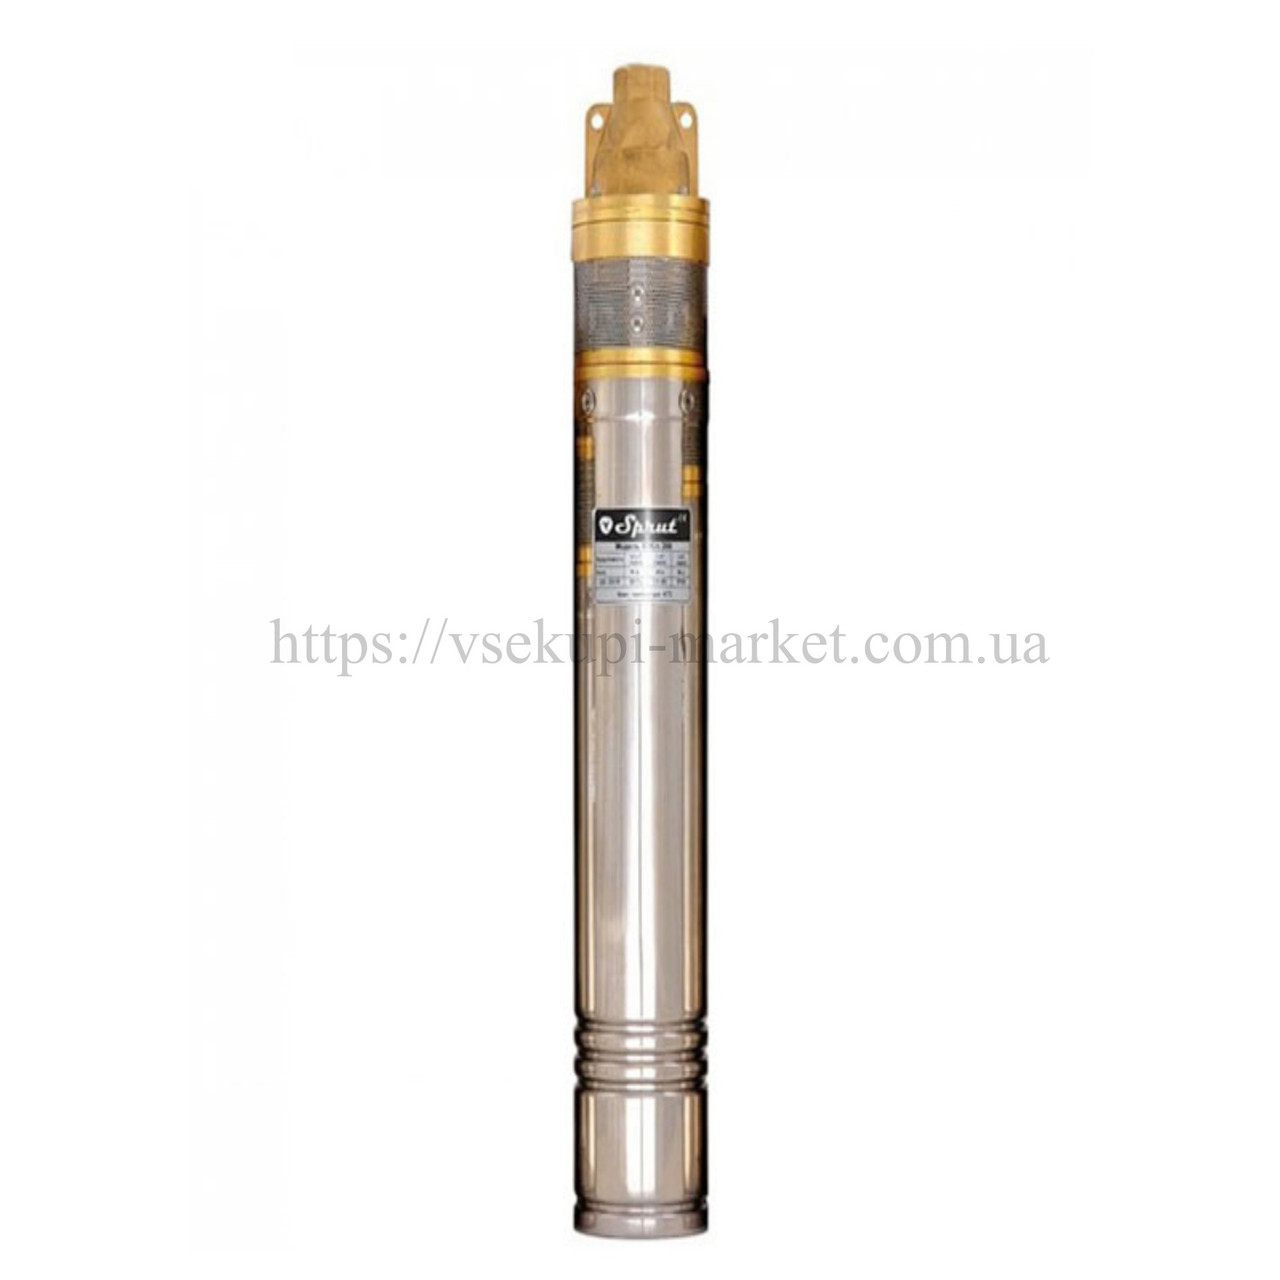 Скважинный насос SPRUT 4SKM 40